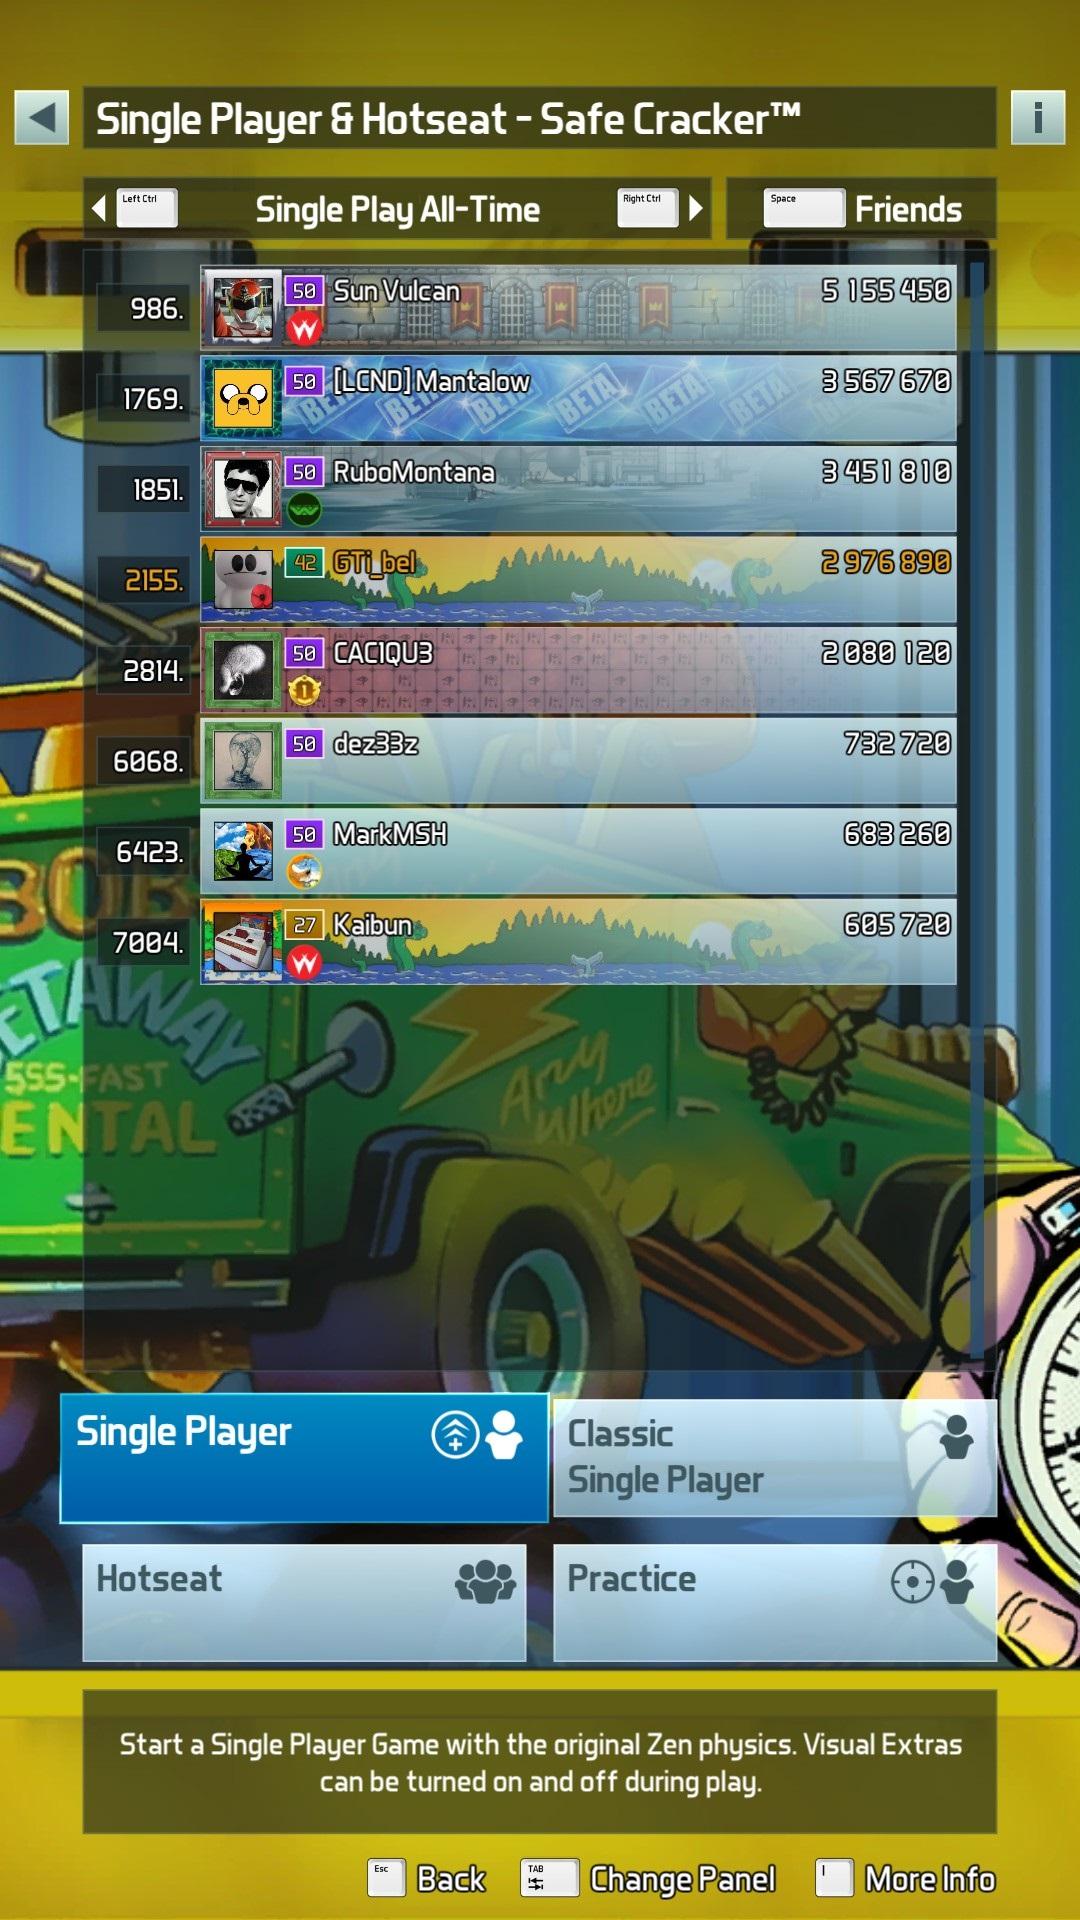 Pinball FX3: Safe Cracker [Standard] 2,976,890 points